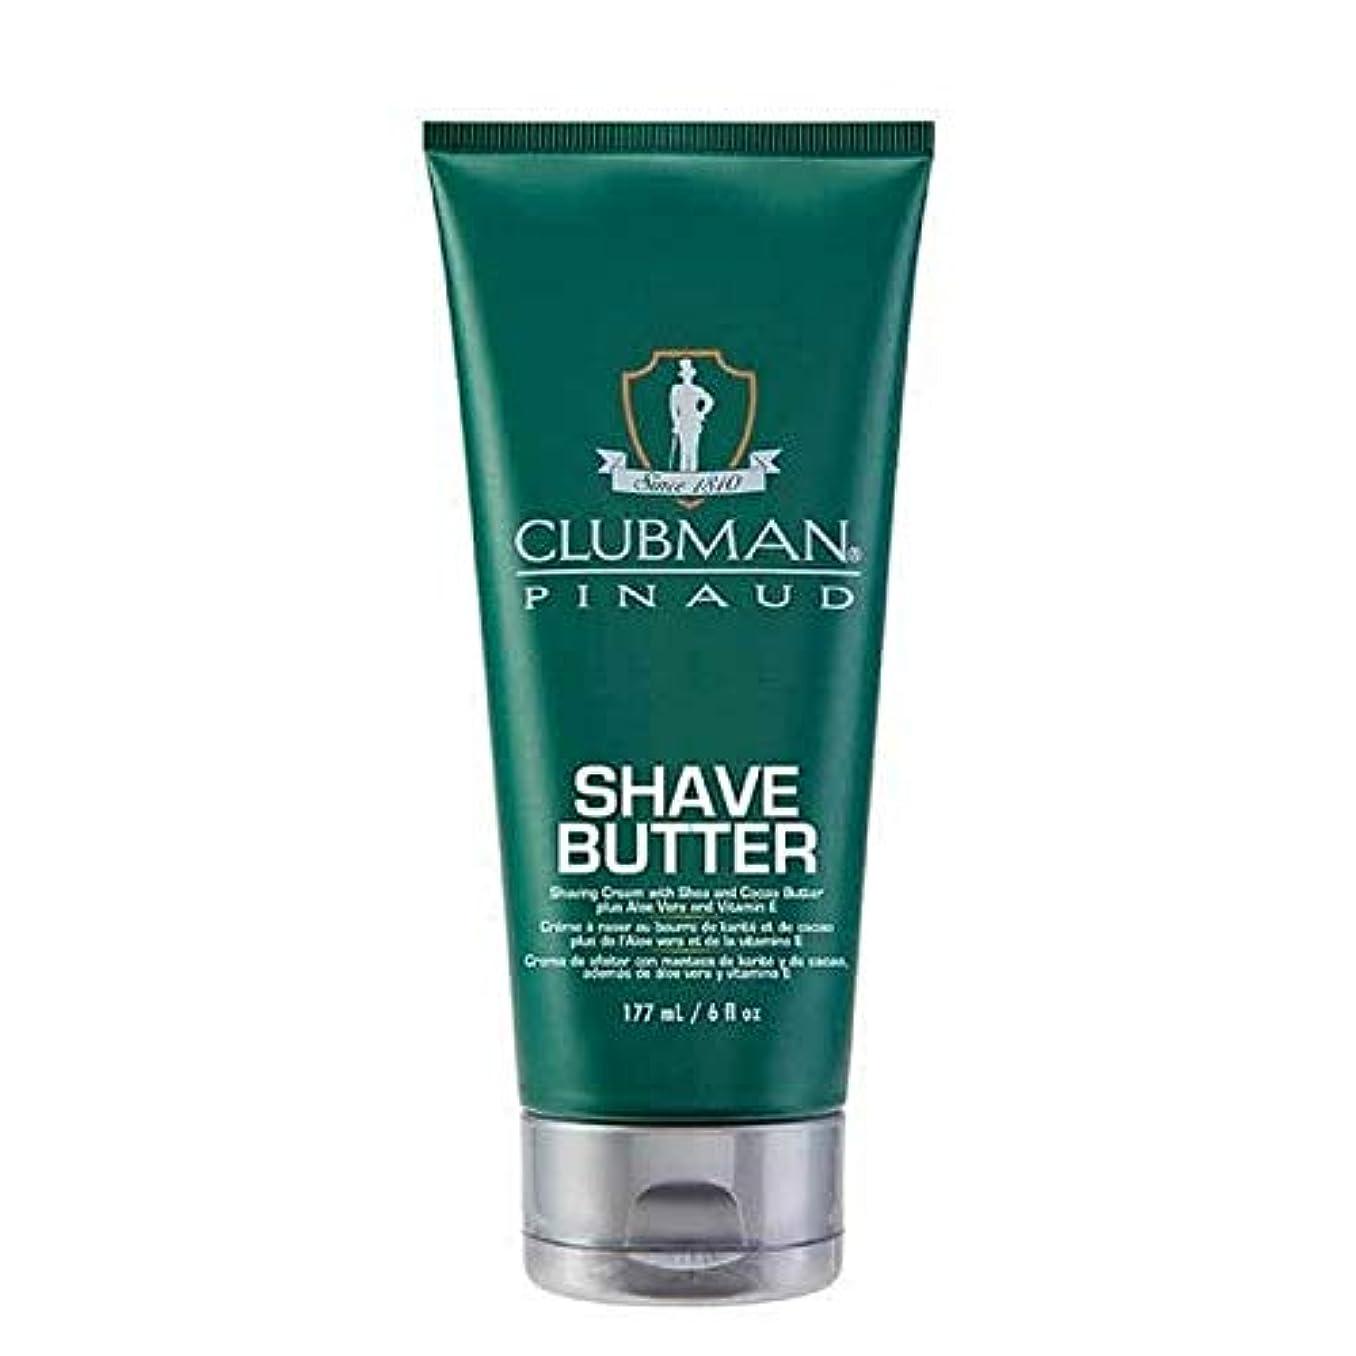 縁石センチメンタル裂け目[Clubman] クラブマン剃りバター - Clubman Shave Butter [並行輸入品]